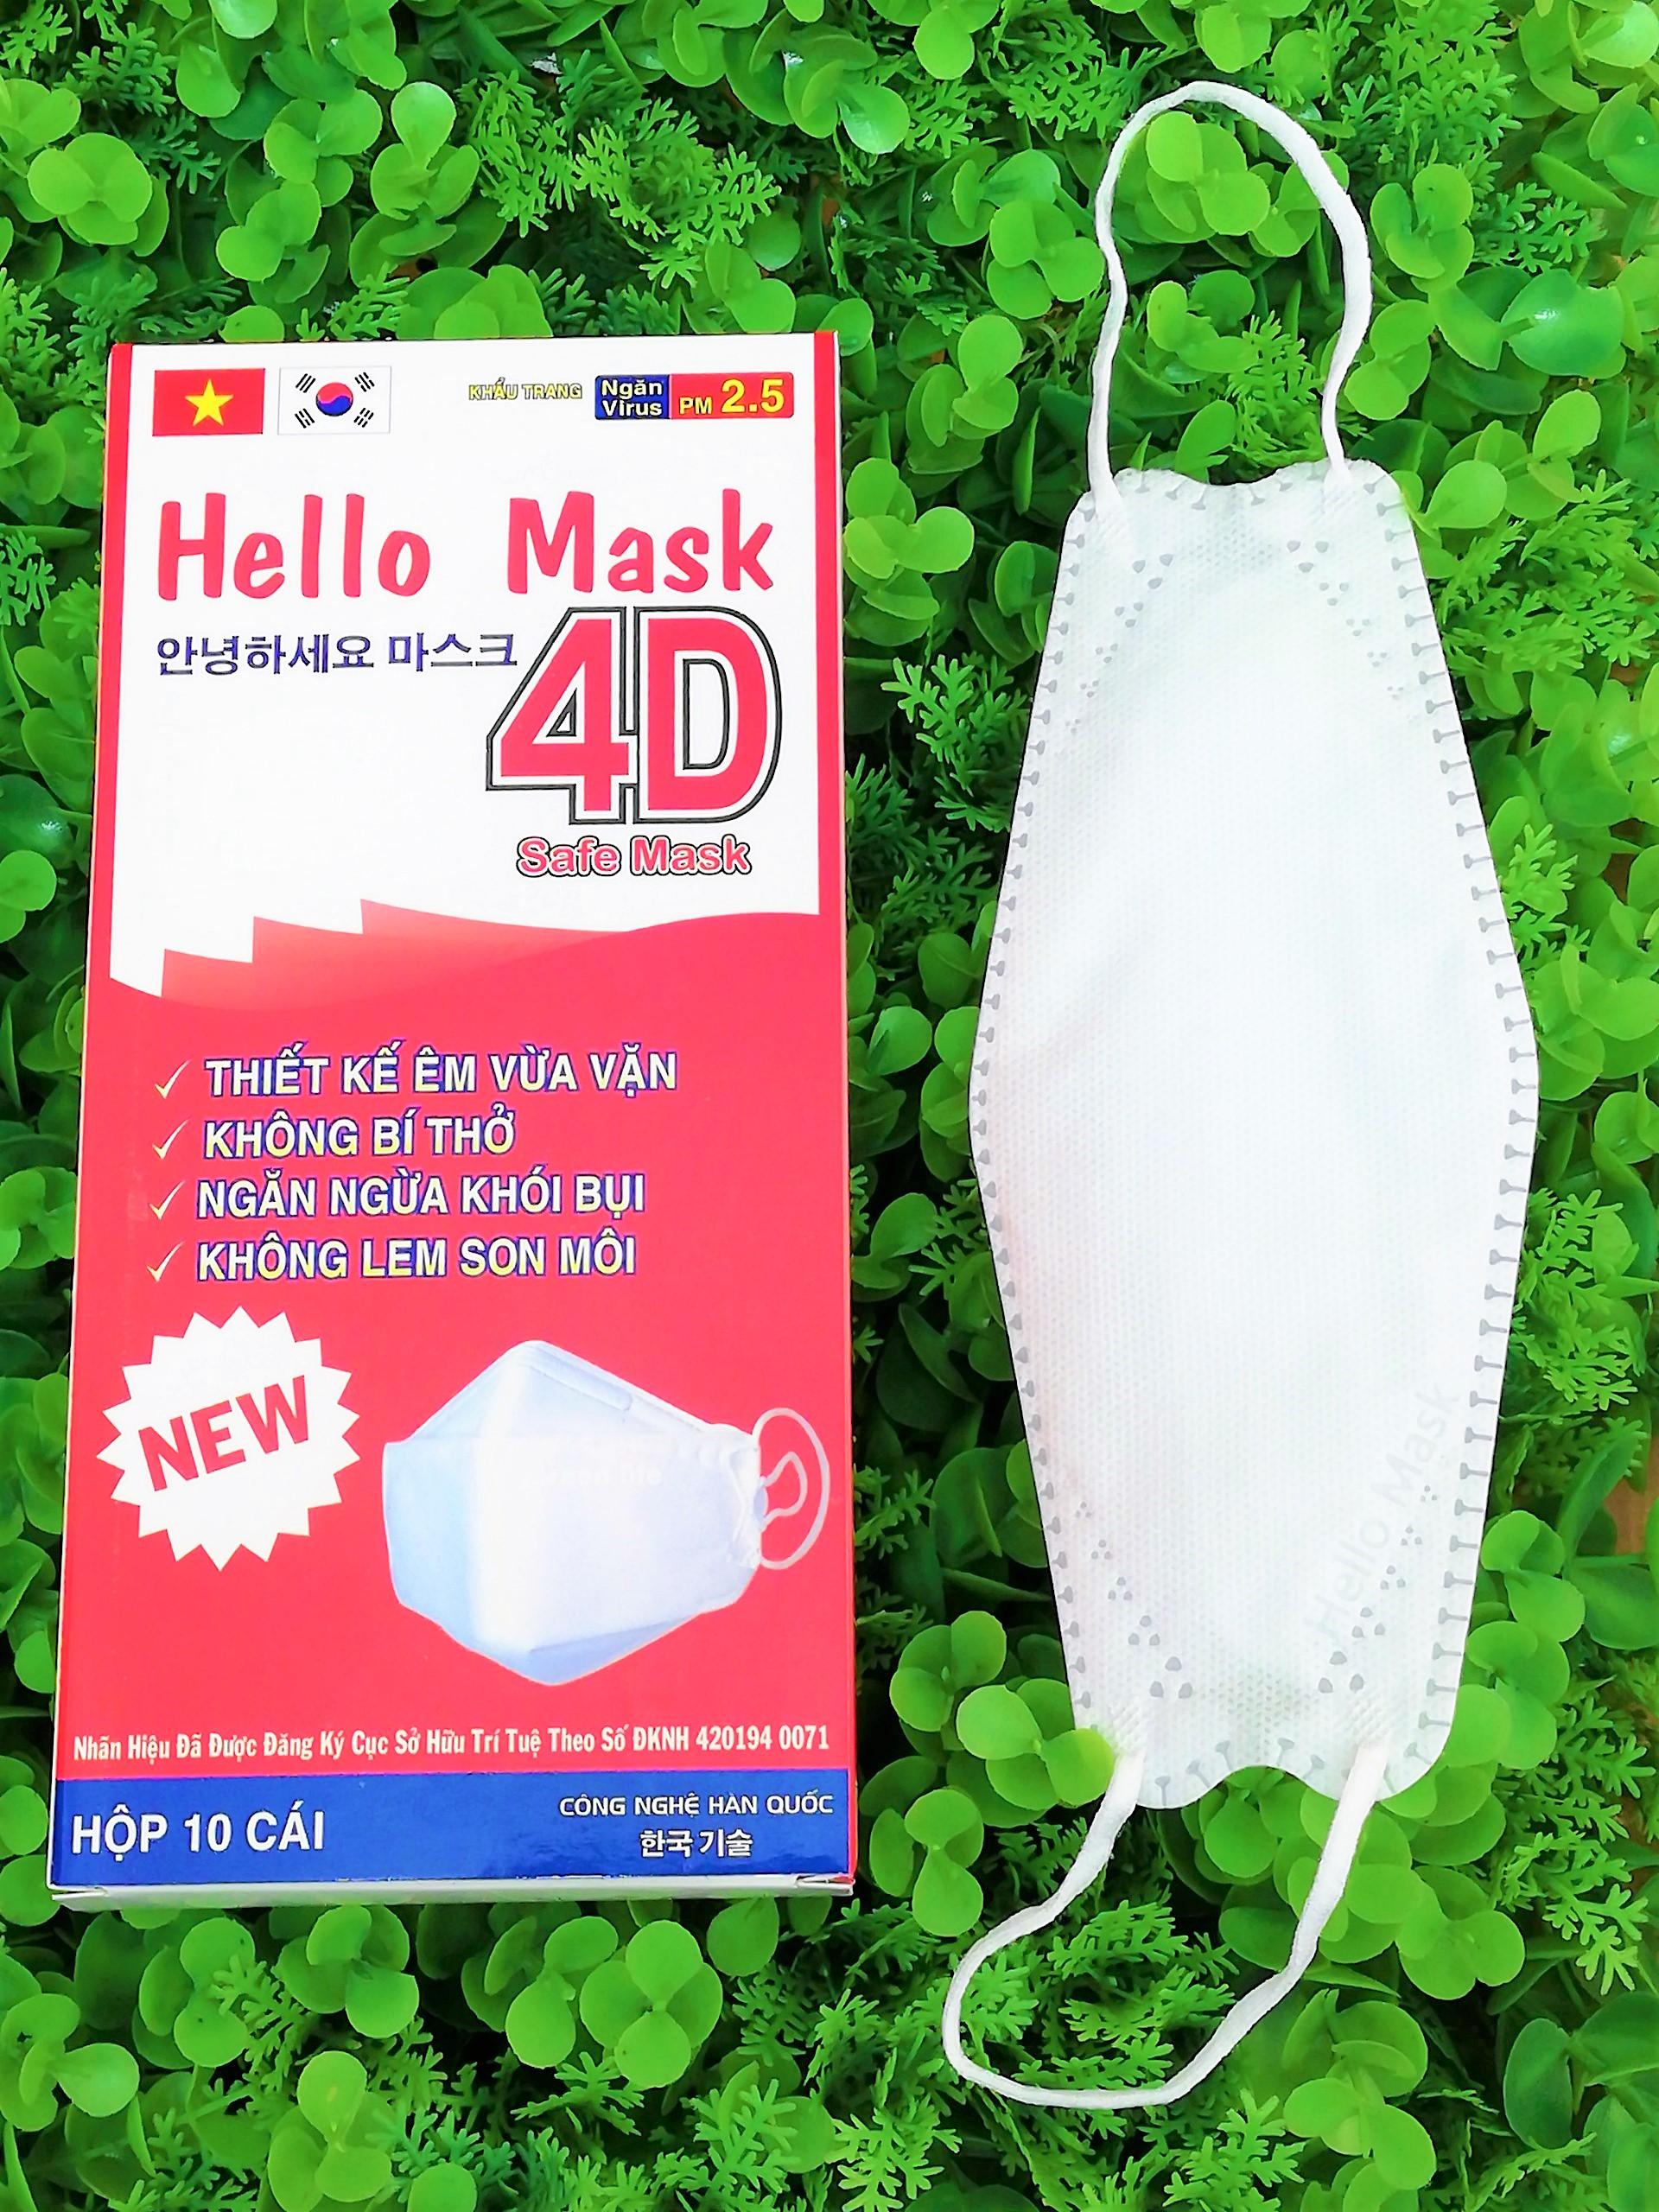 Khẩu Trang 4D Hello Mask Màu Trắng